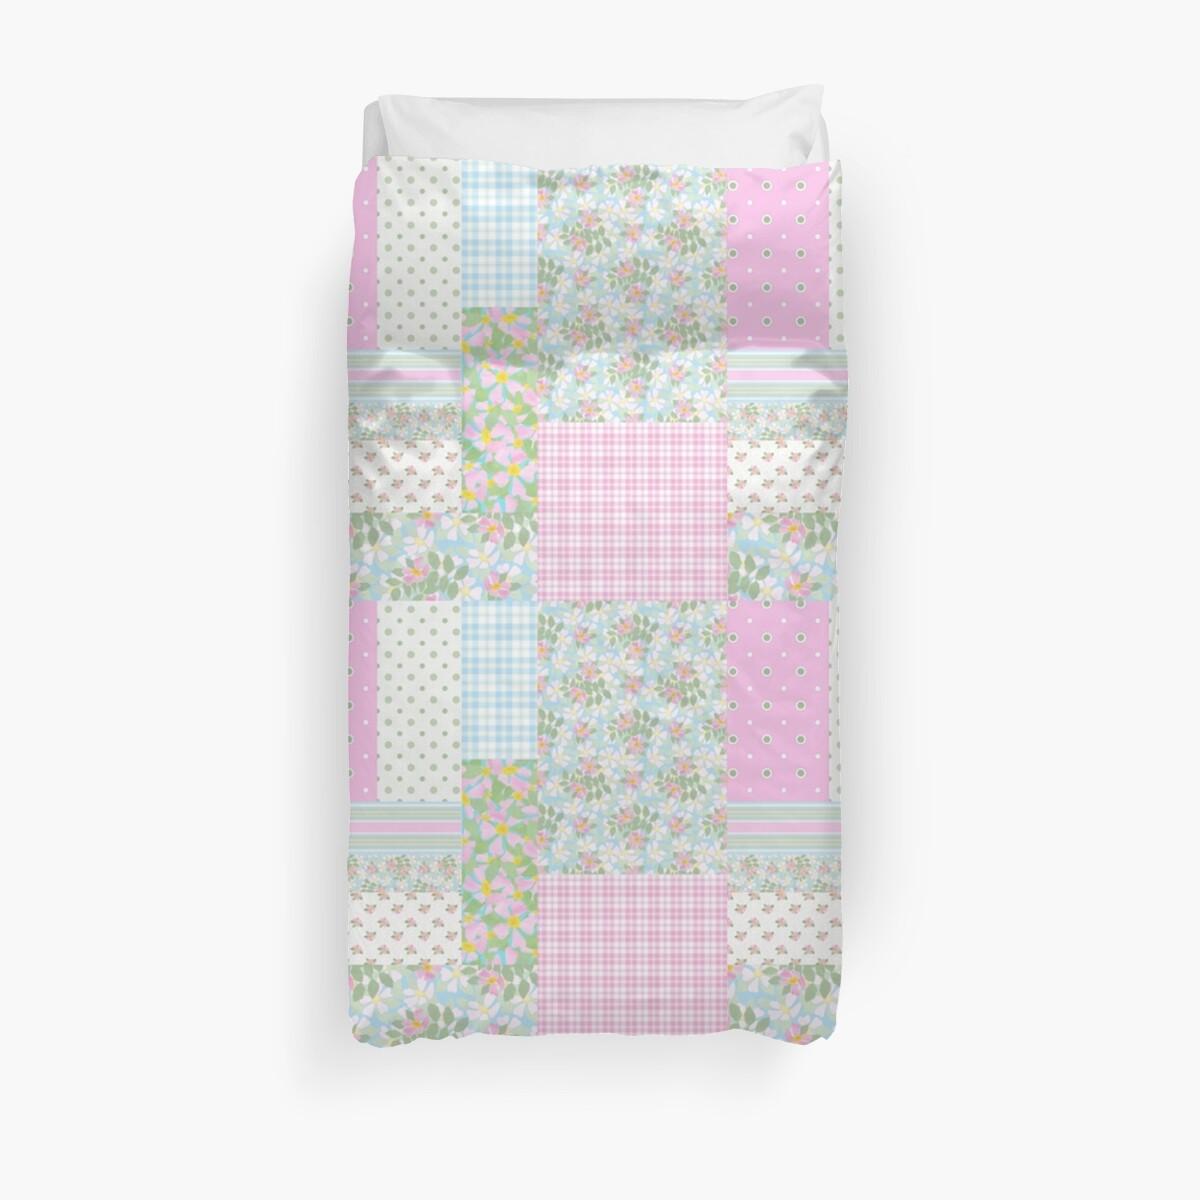 Hübsche rosa Hundedrops Faux Patchwork von Judy Adamson